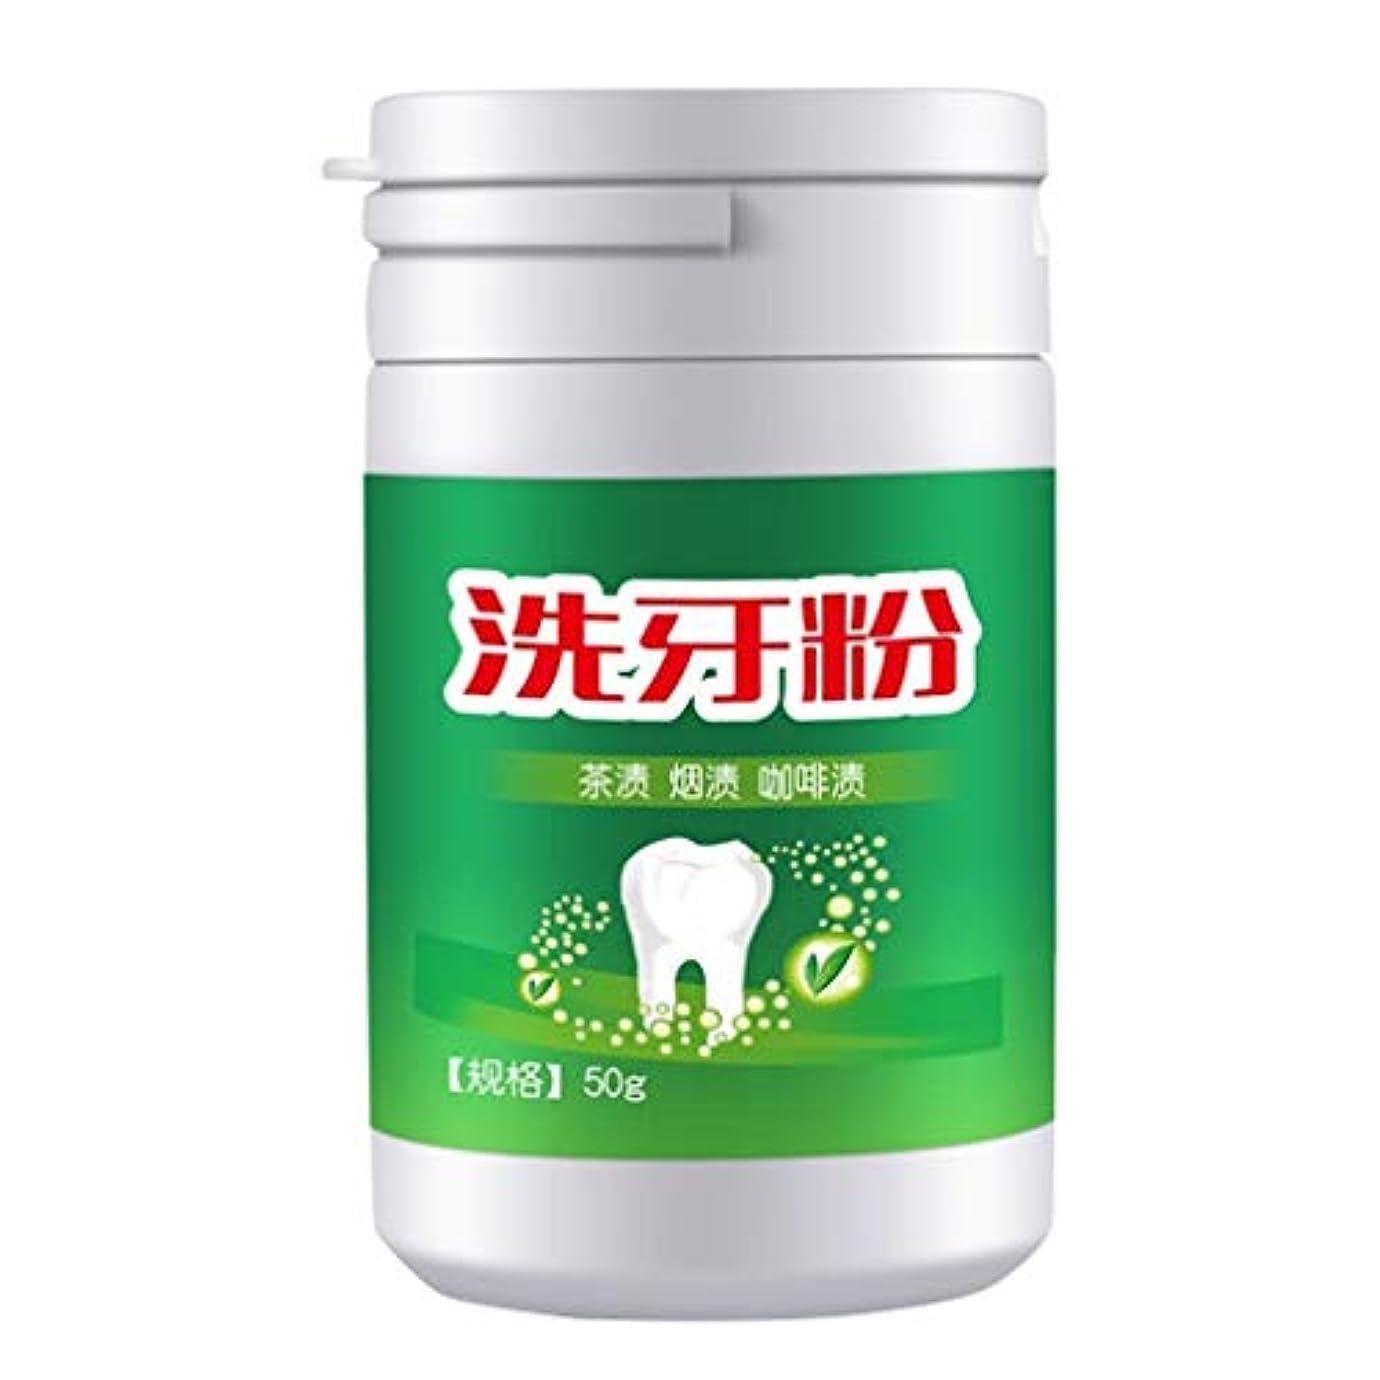 応答コーラス登山家KOROWA 歯磨き粉 ステイン リムーバー 口腔衛生 ヘルス ケア ツール 喫煙を使用し 毎日イエロー ホワイトニング パウダープラーク